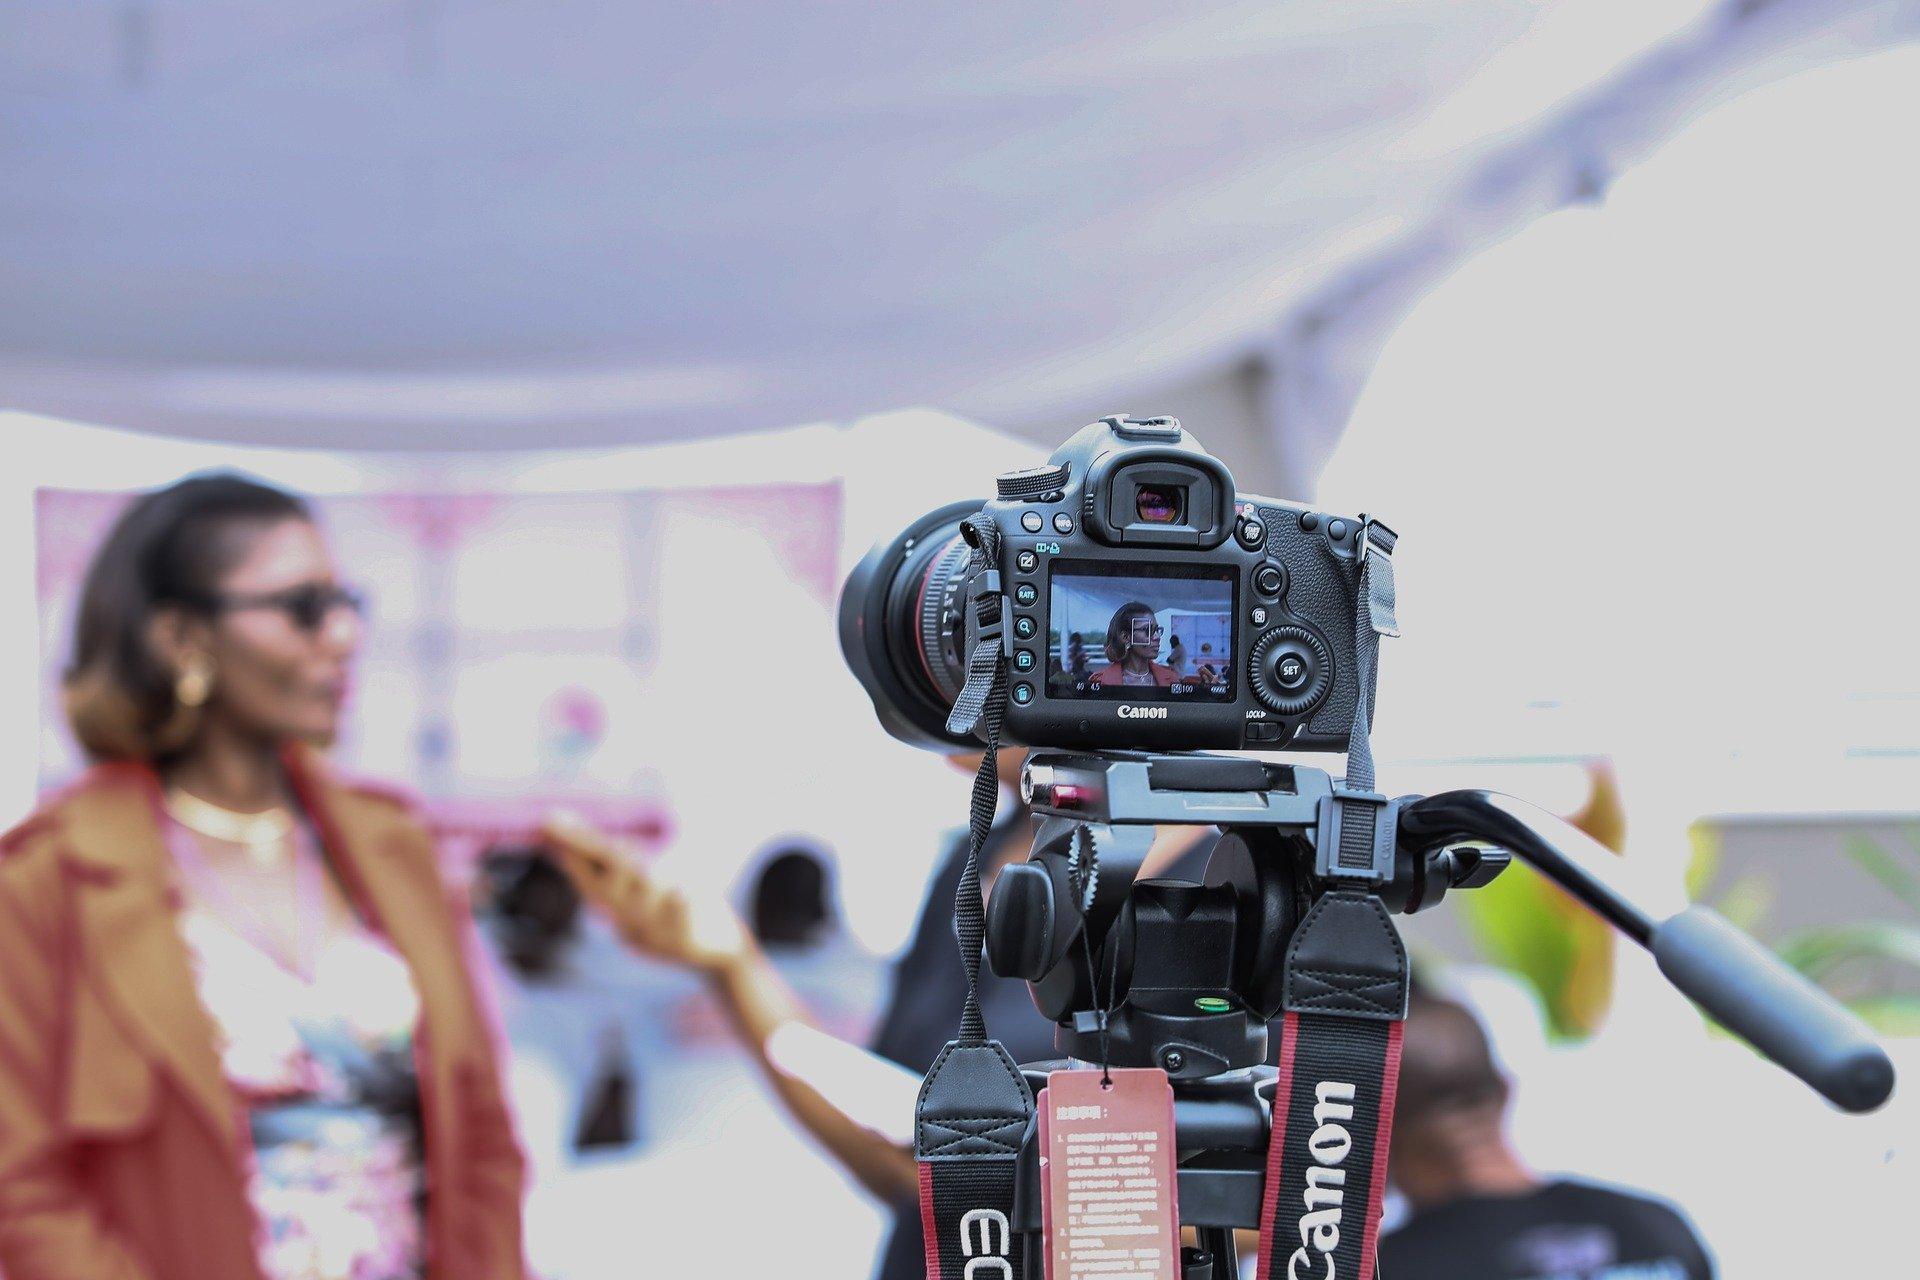 Imagem mostra uma câmera Canon sendo usada para gravação de uma entrevista.